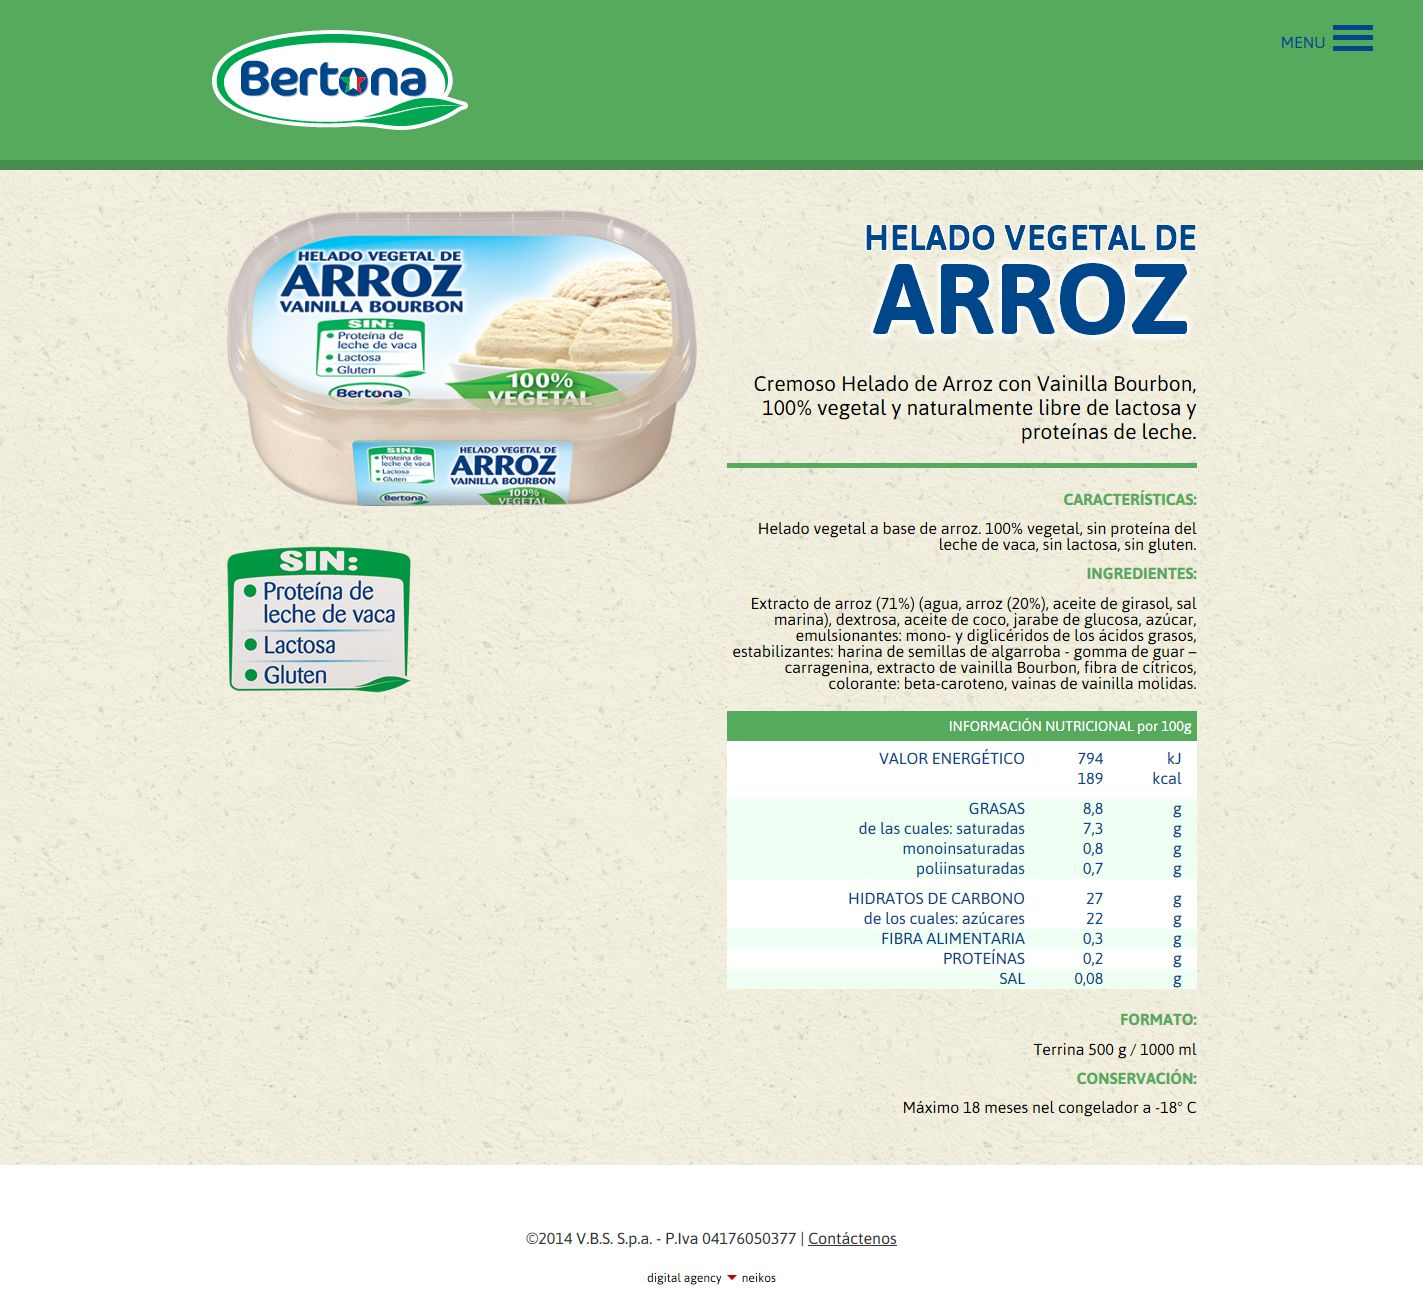 Bertona, sito di prodotto in lingua spagnola